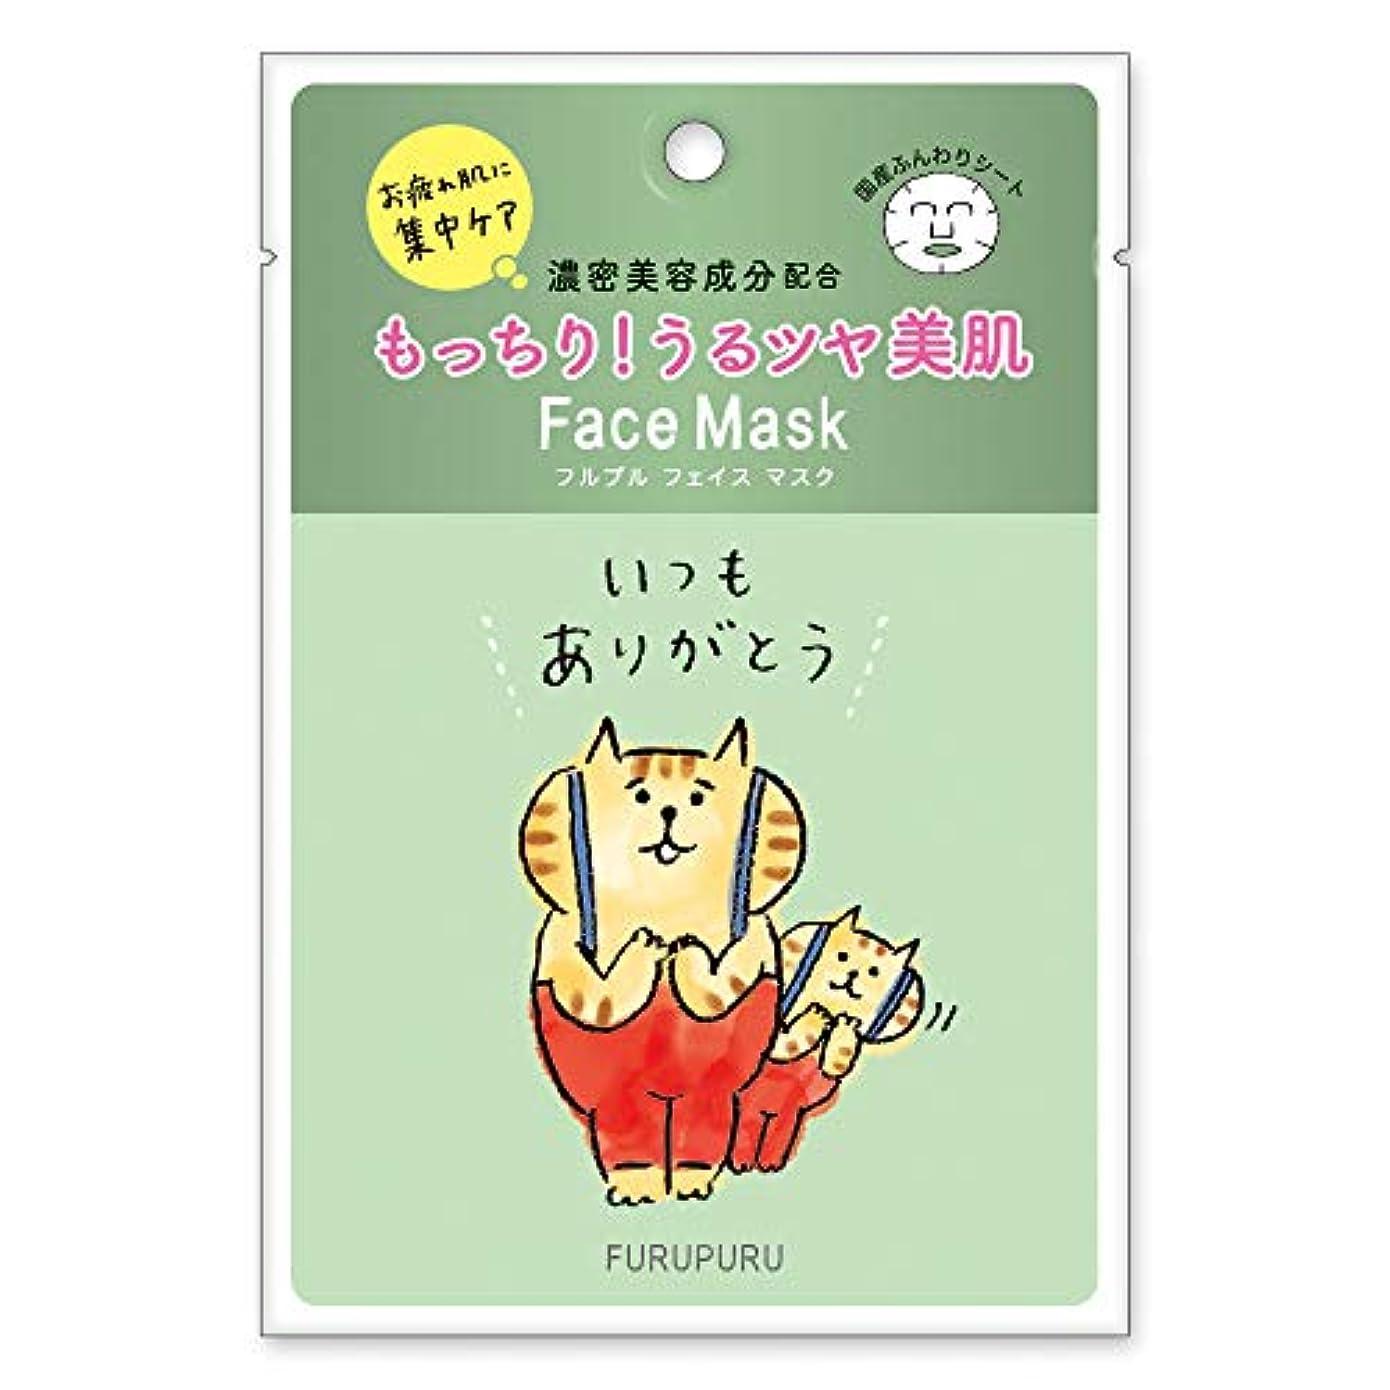 懸念結紮ソーシャルフルプルクリーム フルプルフェイスマスク ごろごろにゃんすけ ありがとう やさしく香る天然ローズの香り 30g